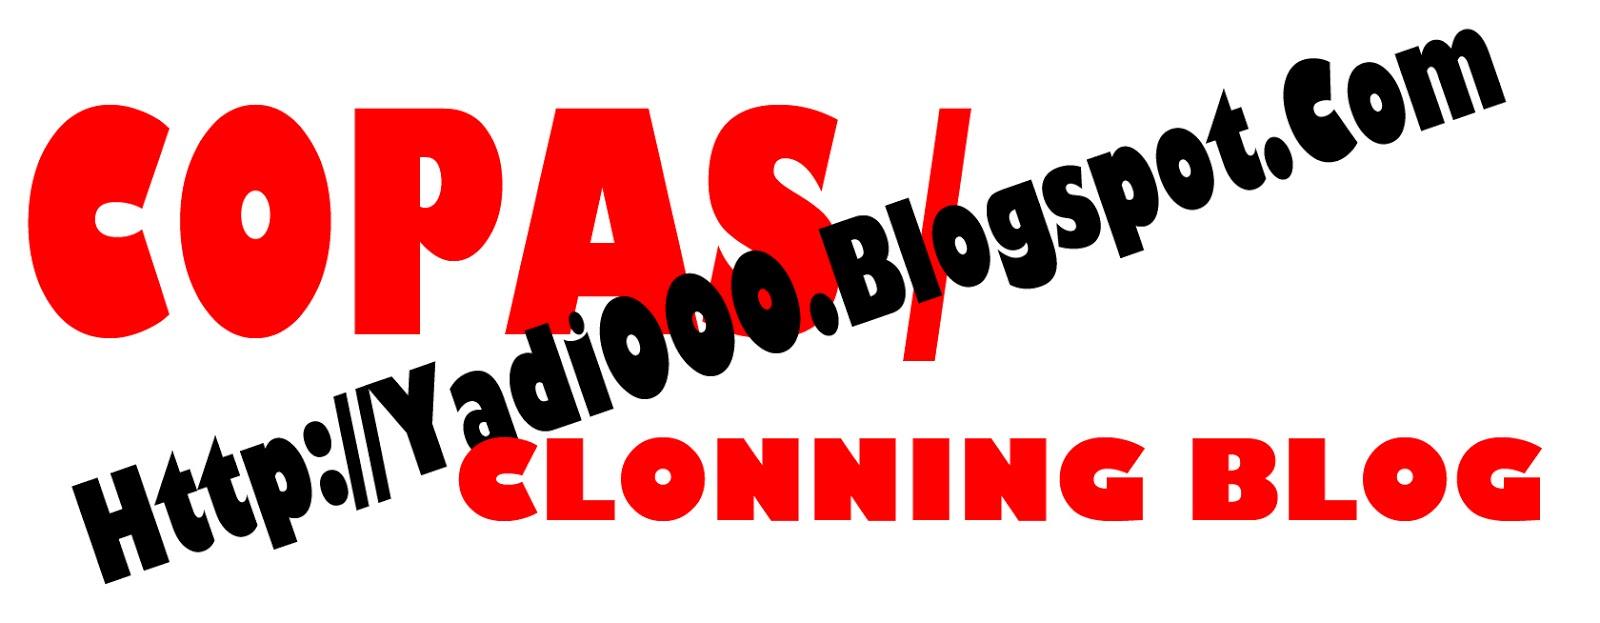 Ga suka dengan blog di Clonning, why..?? mungkin artikel saya kali ini ...